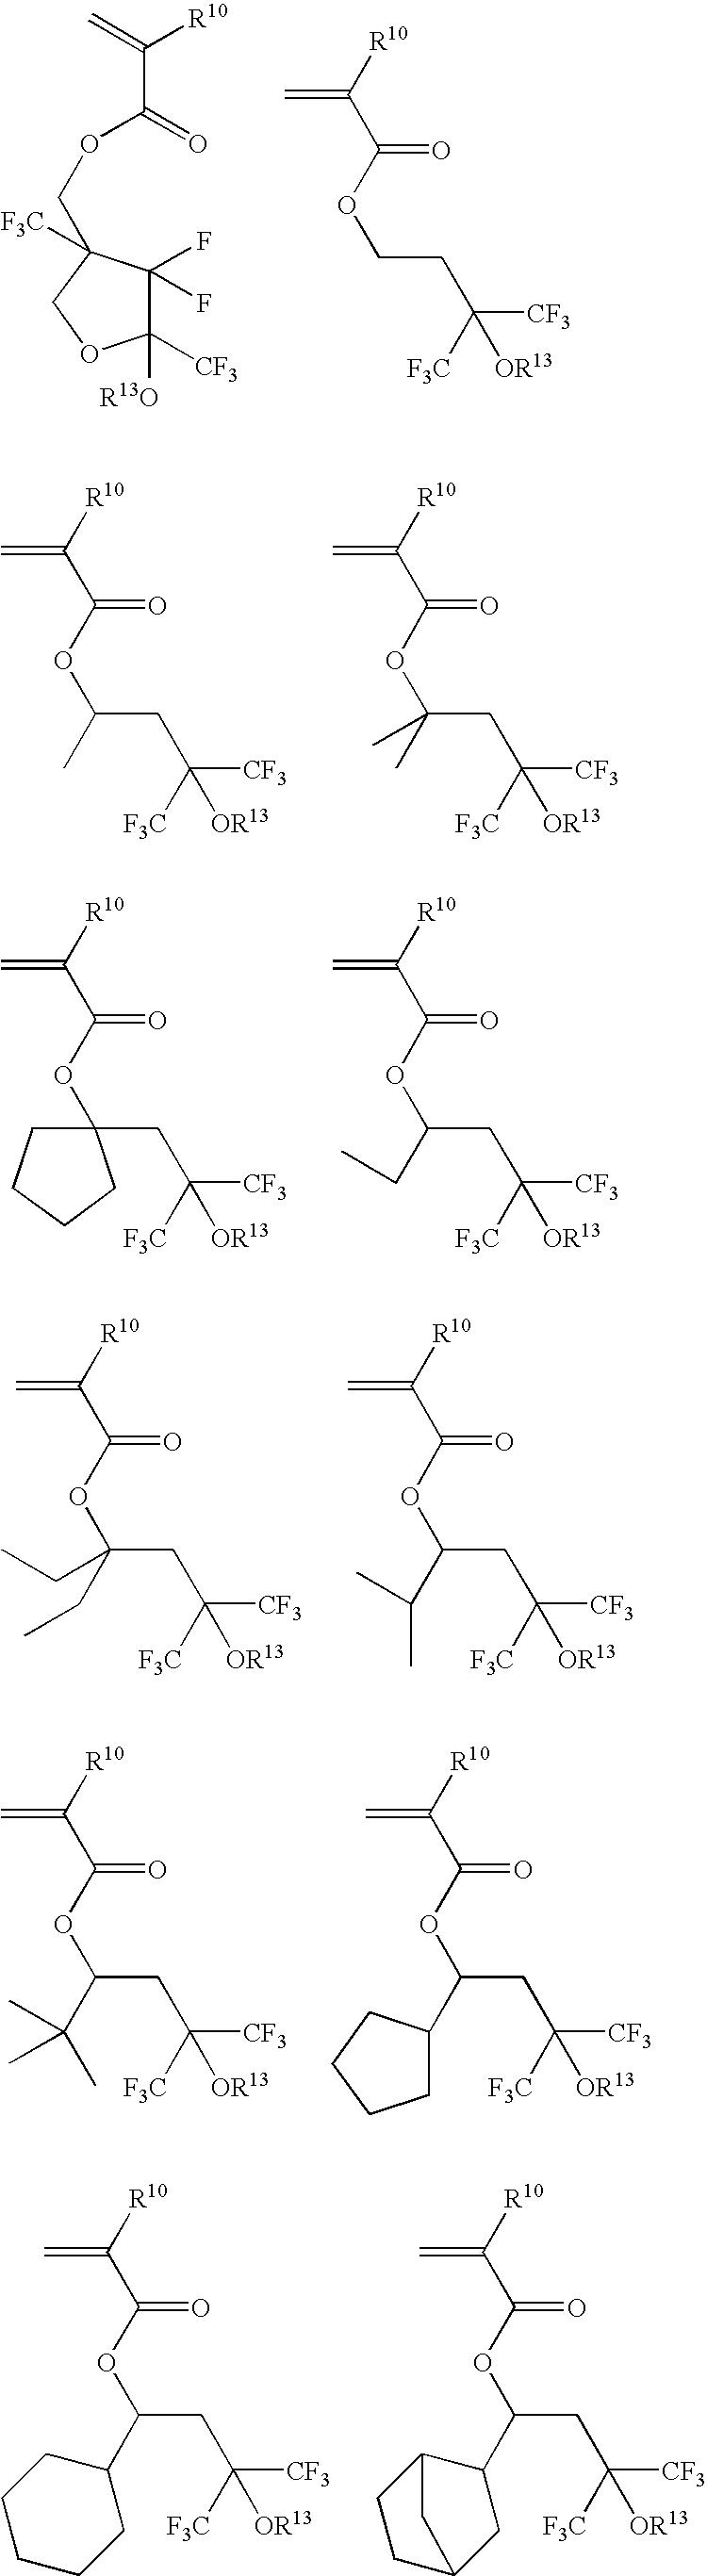 Figure US20090011365A1-20090108-C00025